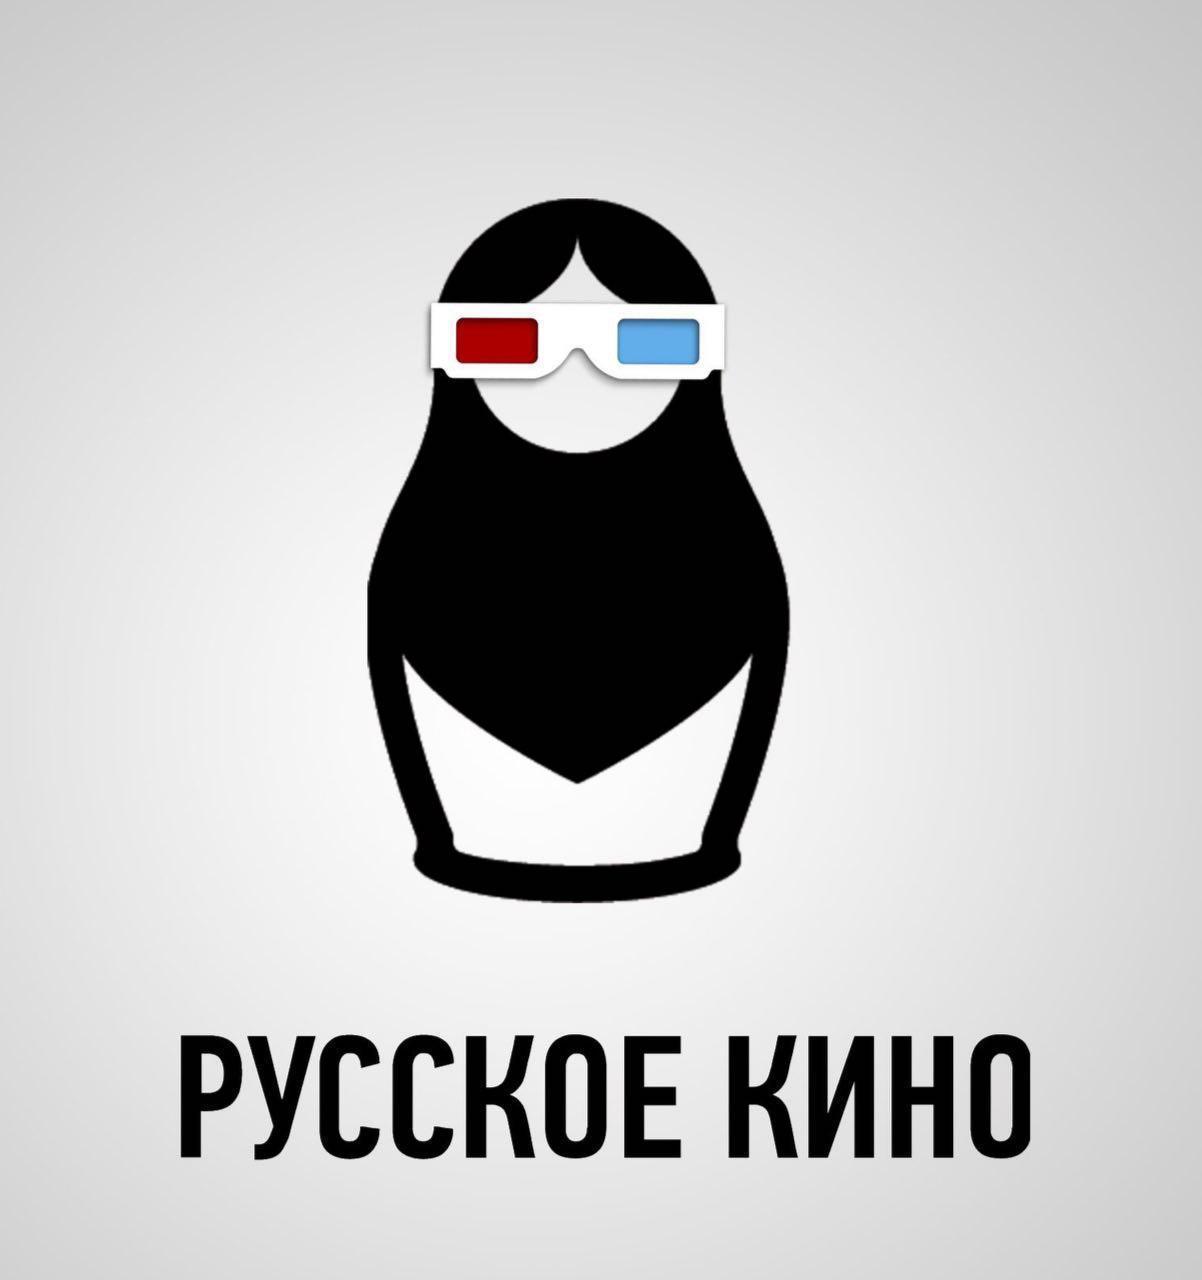 Кино в России. Часть 1. Деньги. - Изображение 2